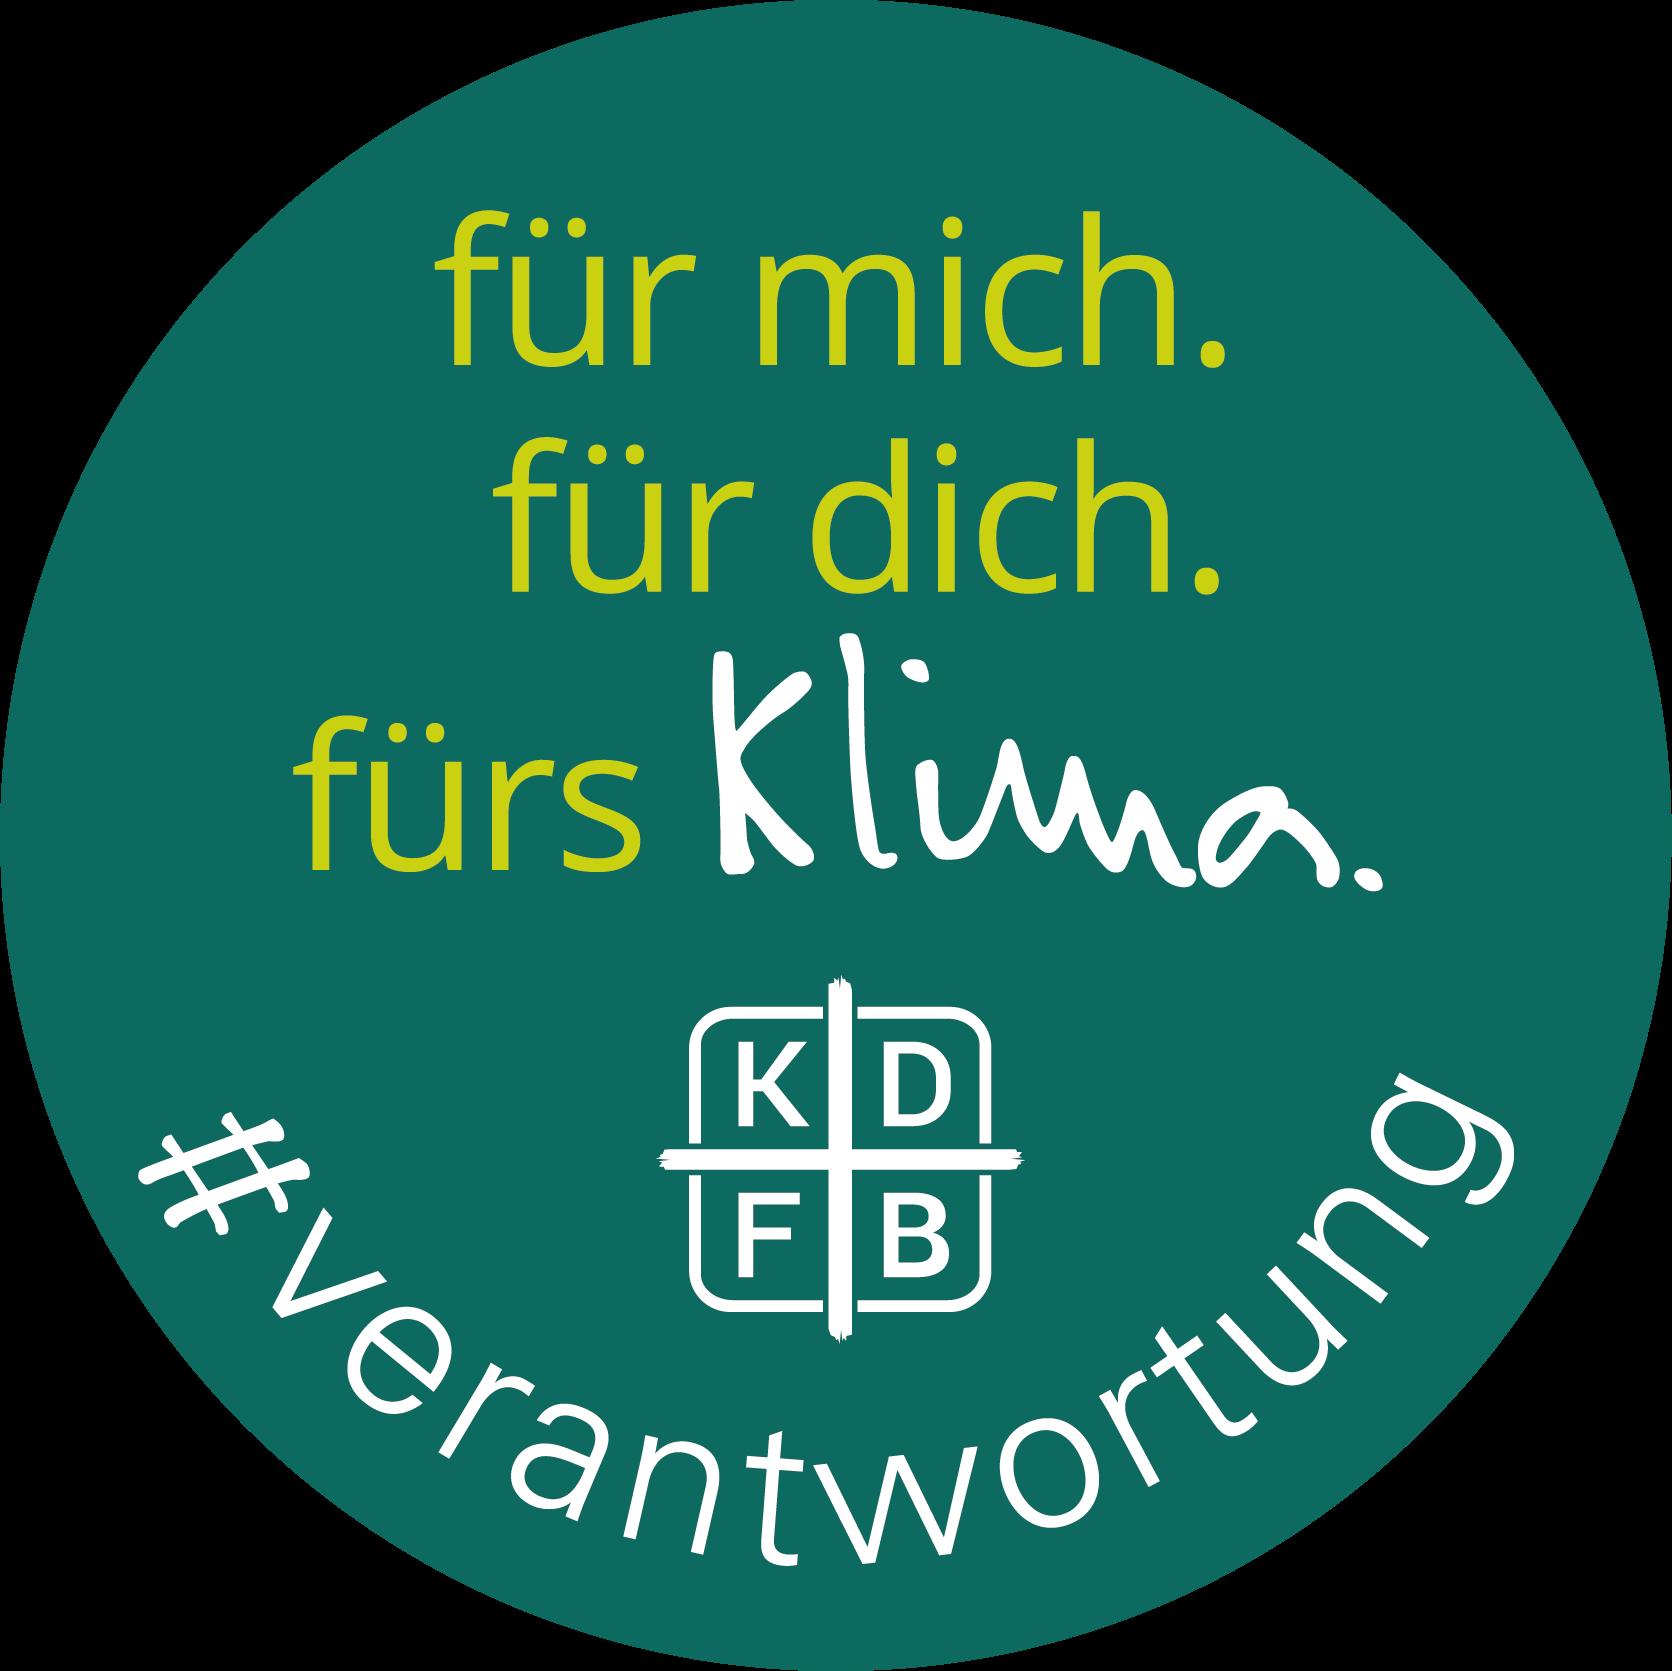 KDFB Aktionswoche für mich. für dich. fürs Klima. Button